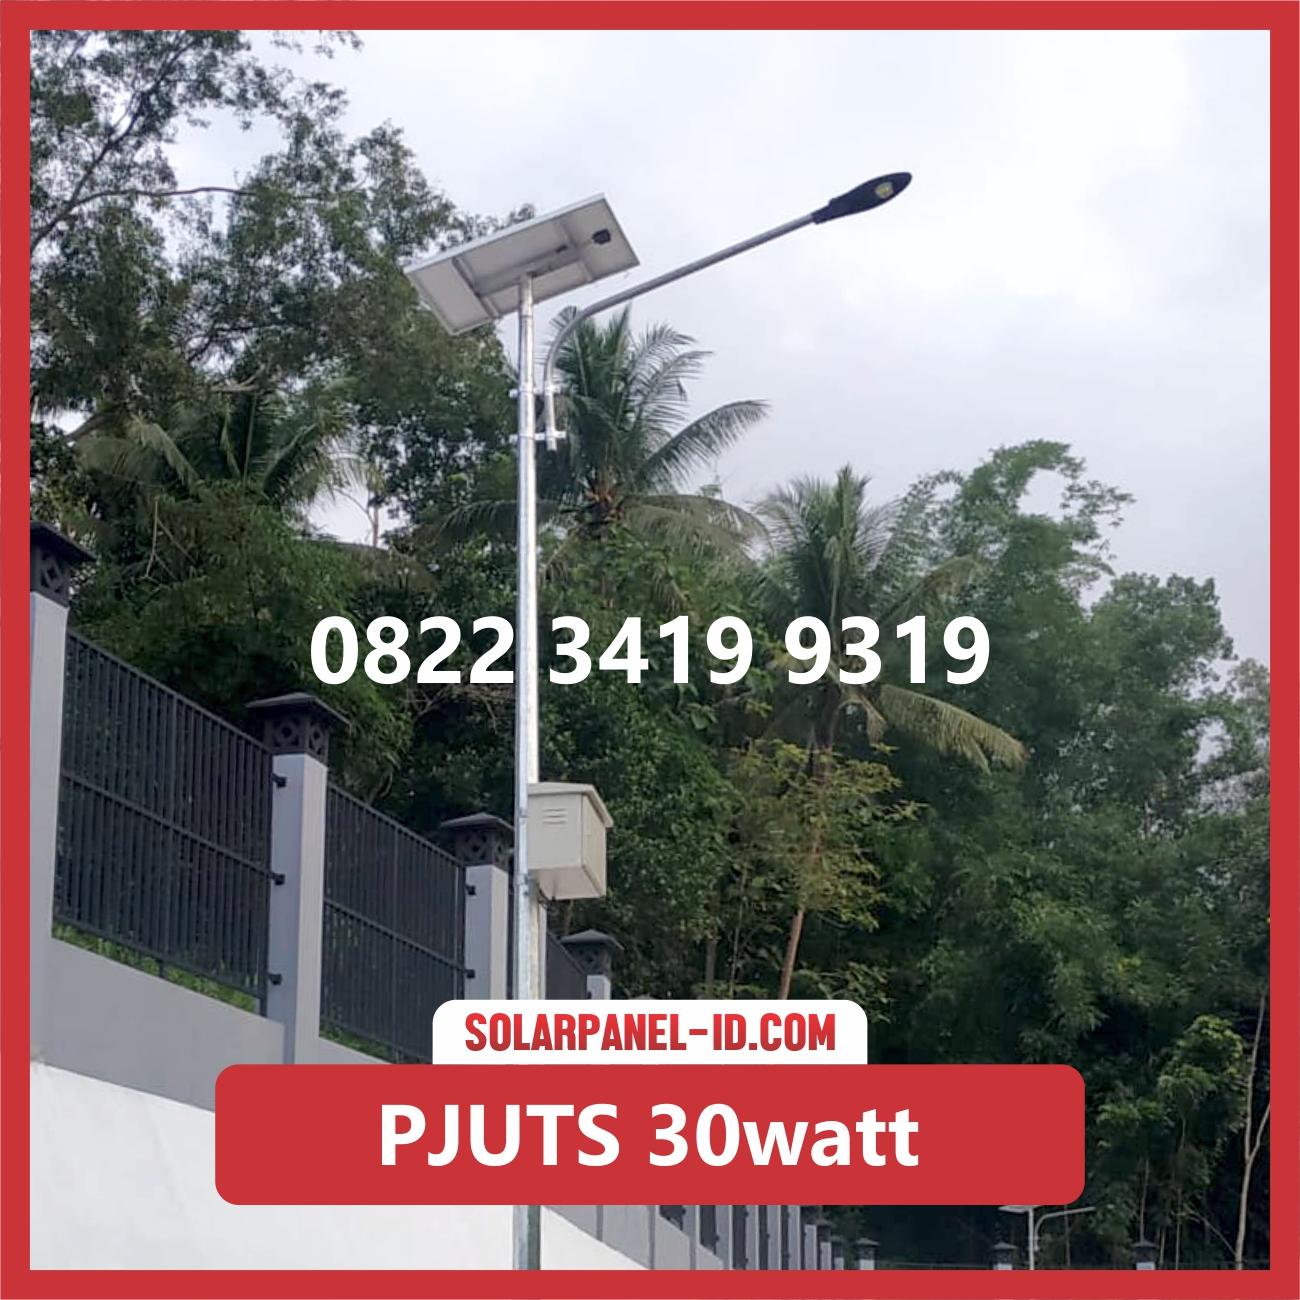 Paket PJU Tenaga Surya 30watt papua